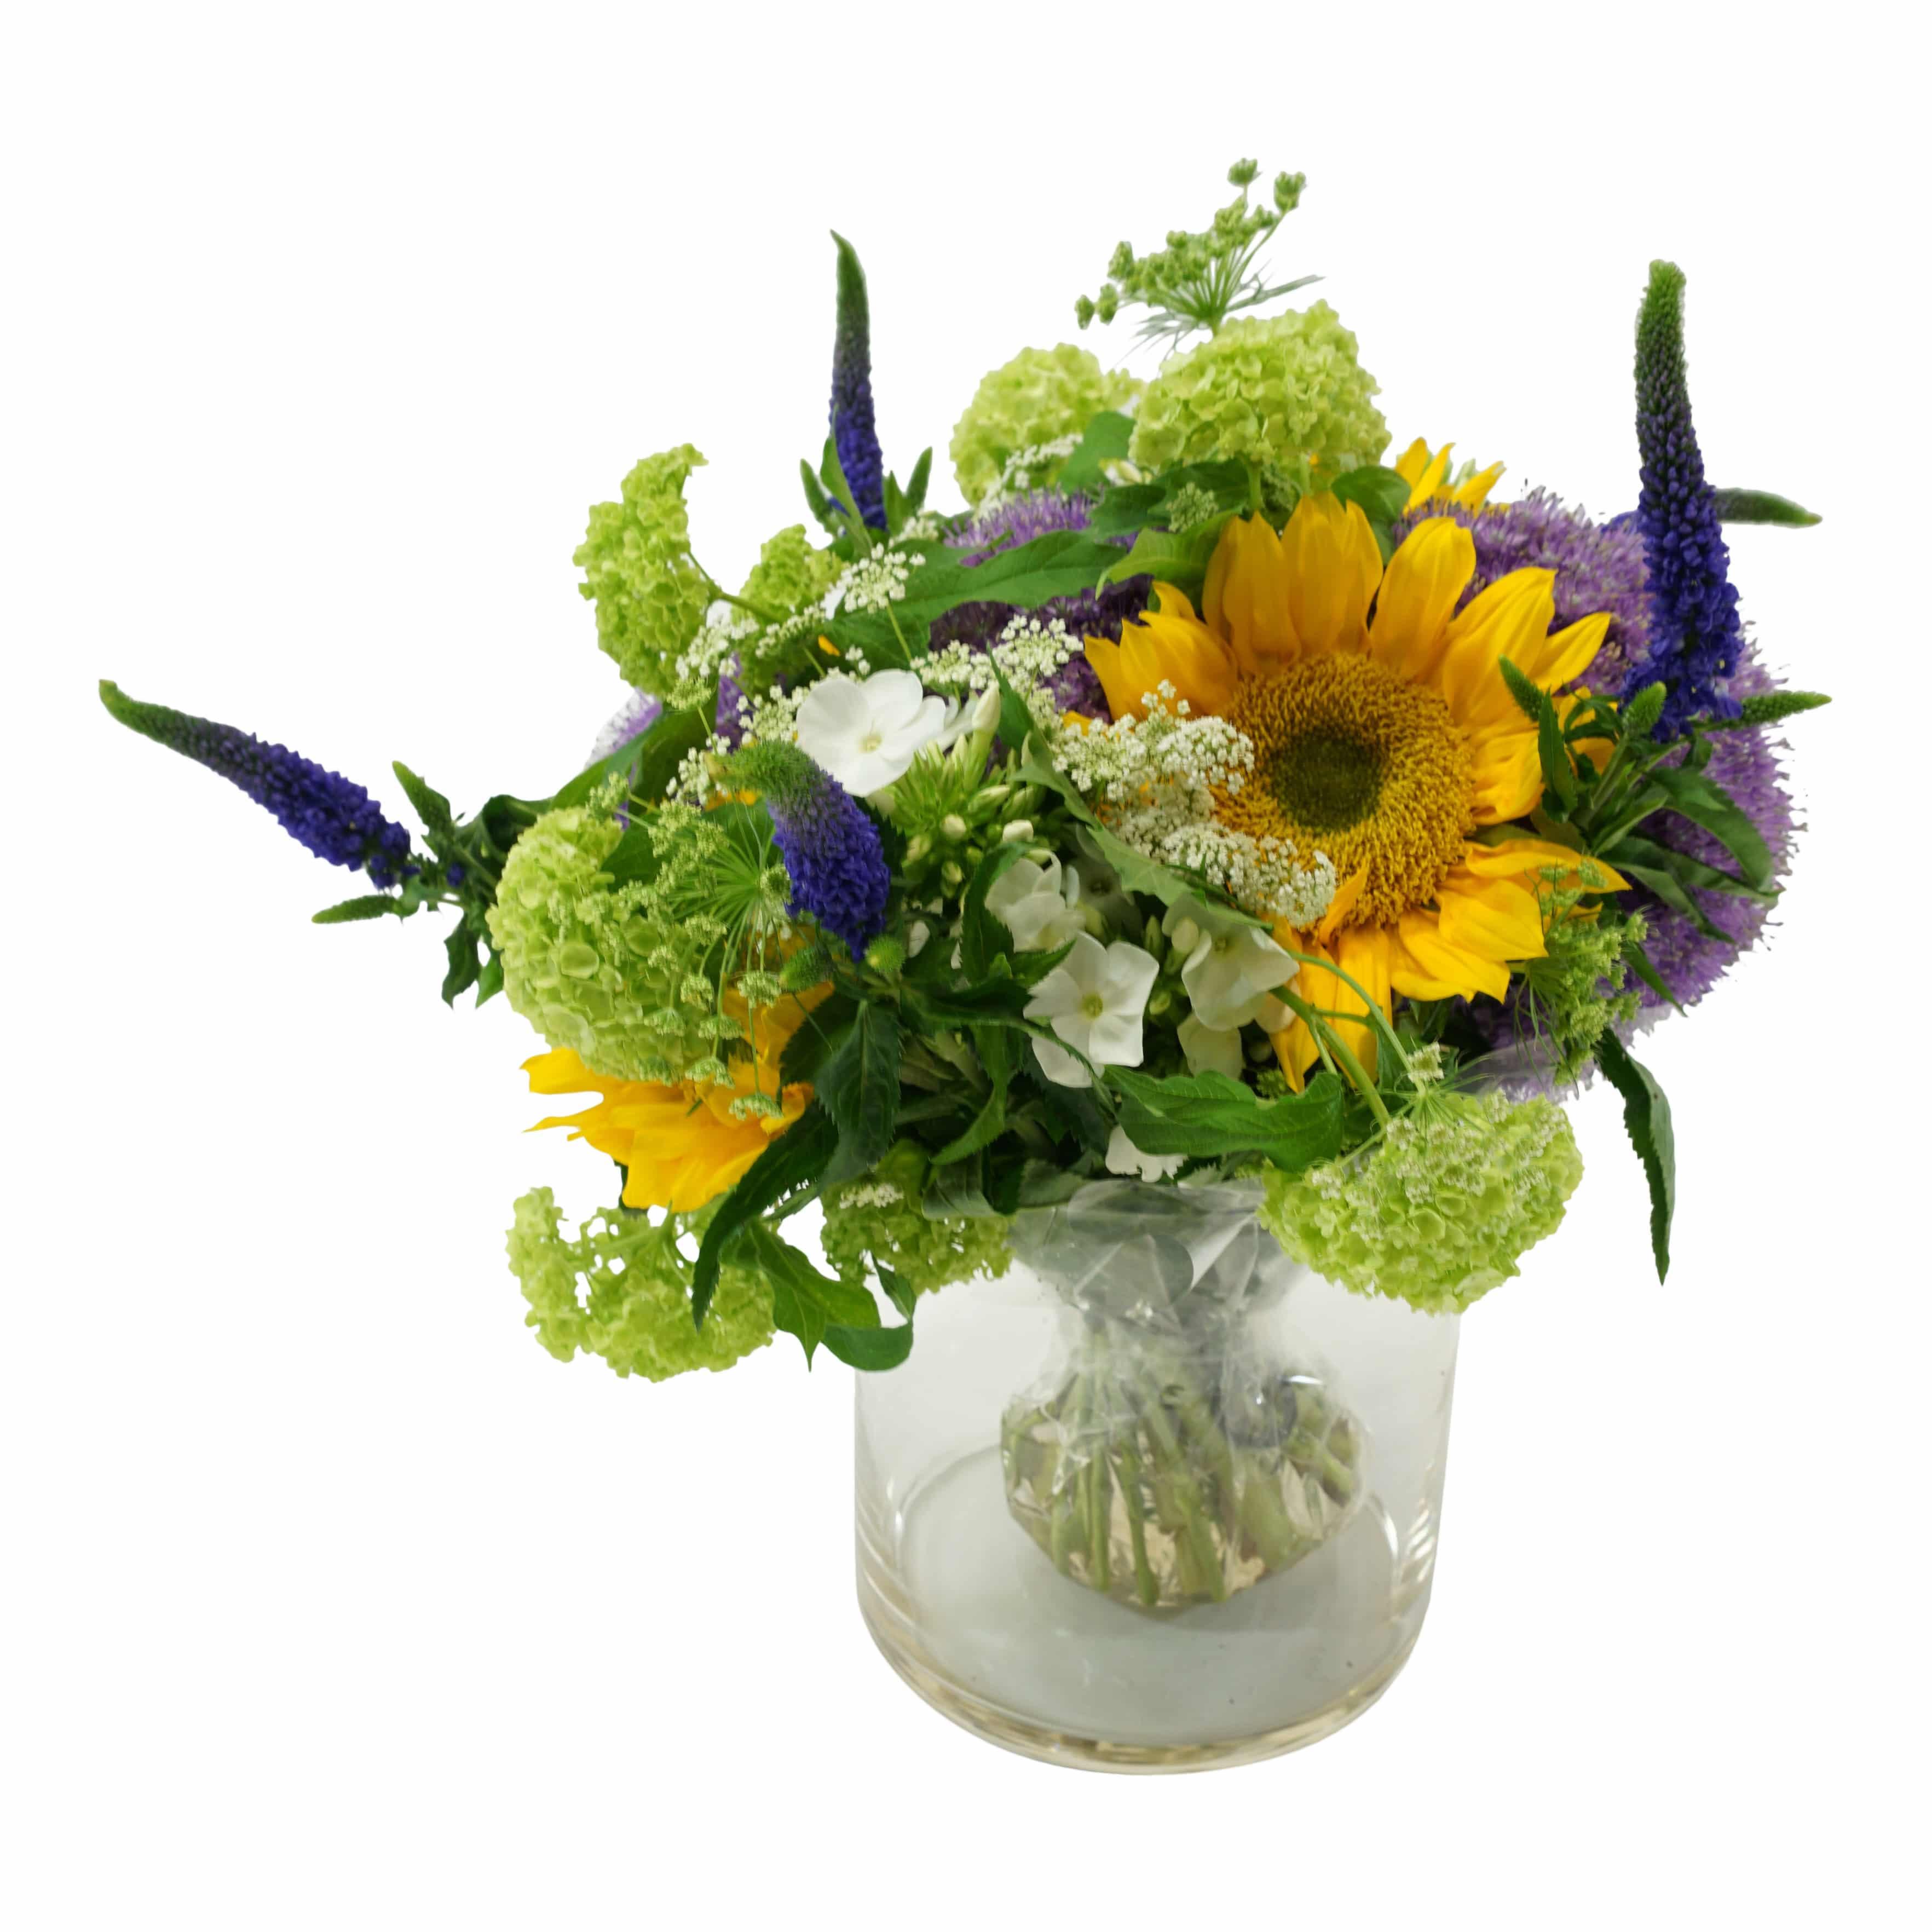 Lollipop flowers free delivery in dublin a dsc09490 izmirmasajfo